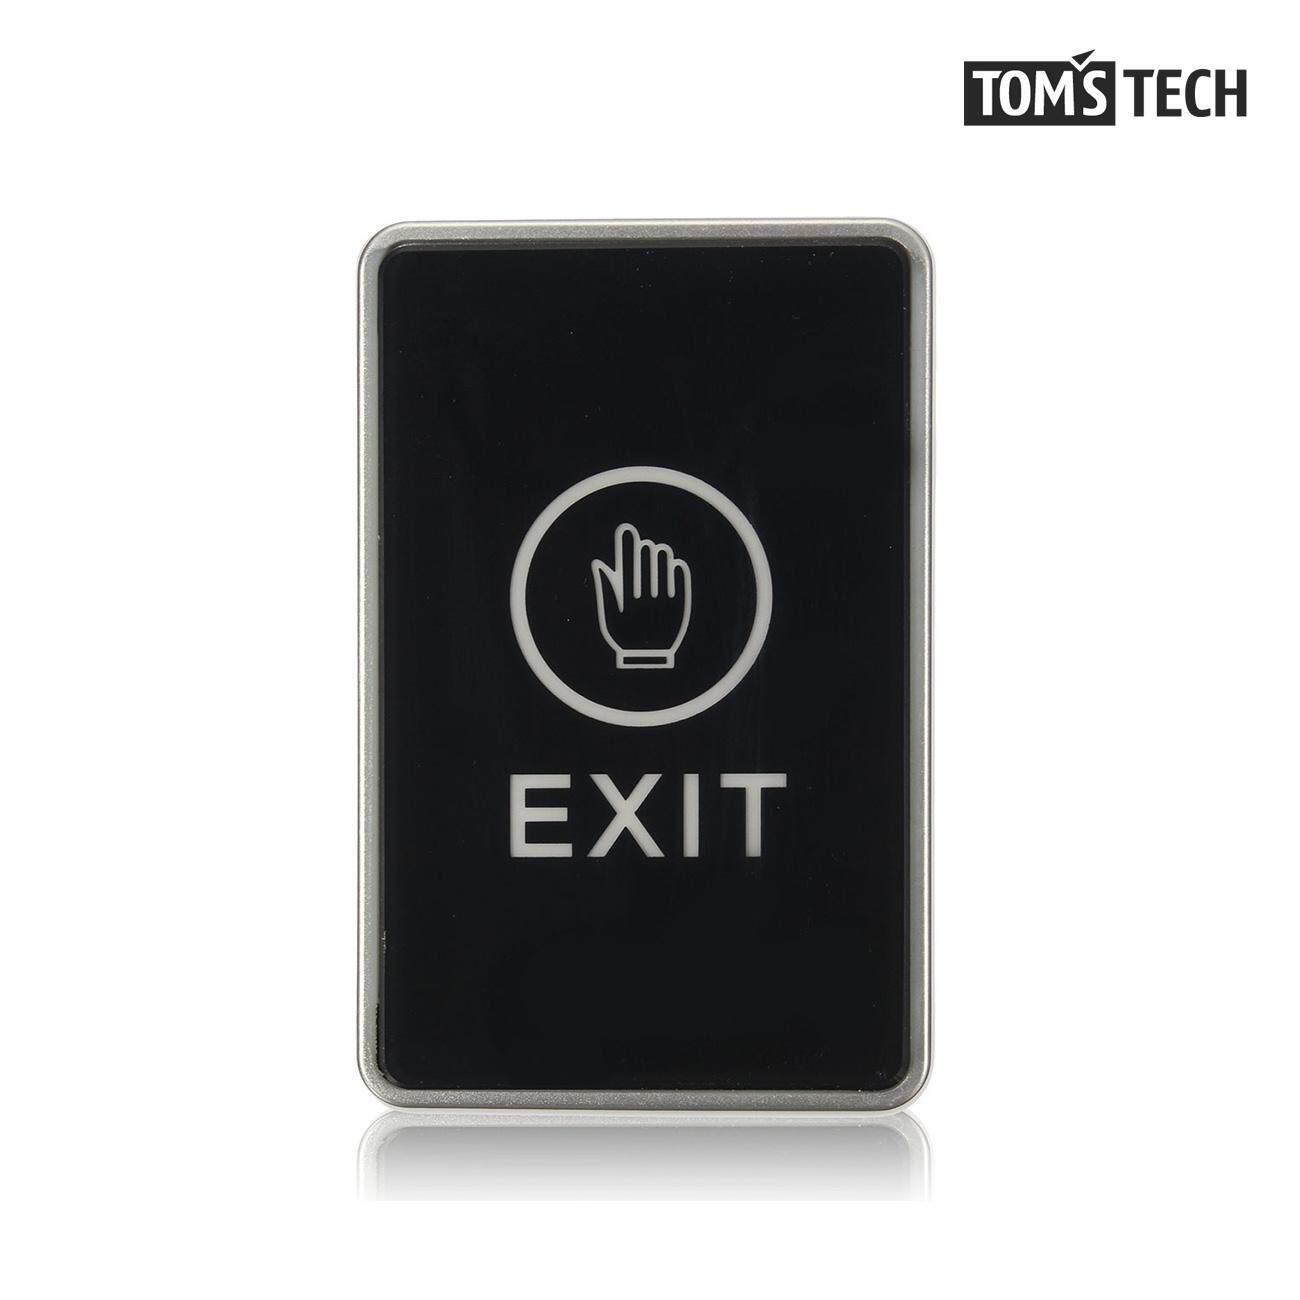 Door Exit Release Touch Button for Door Access